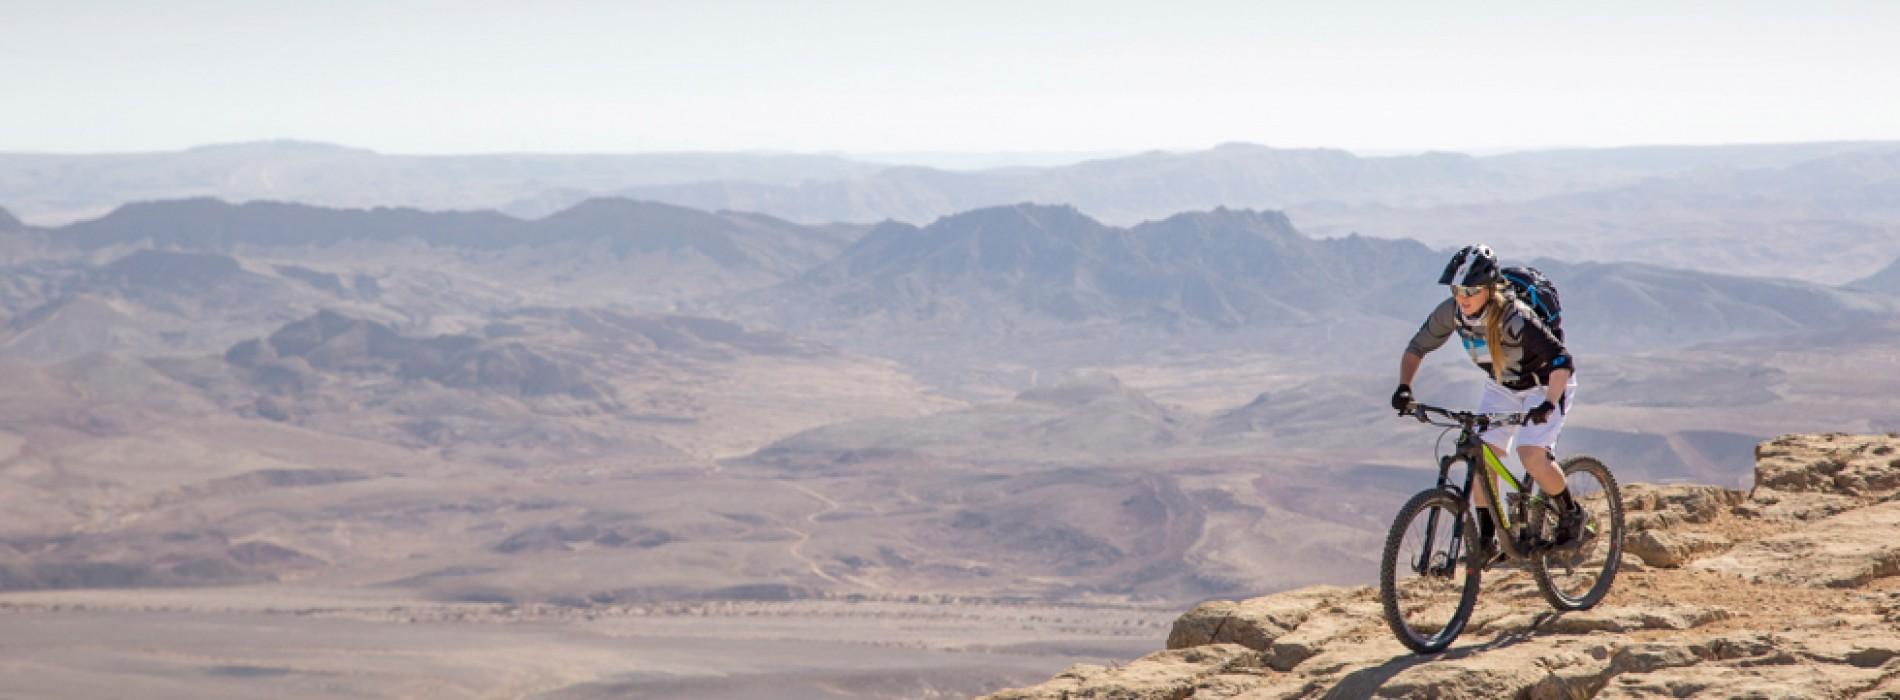 Paramount Negev of Israel